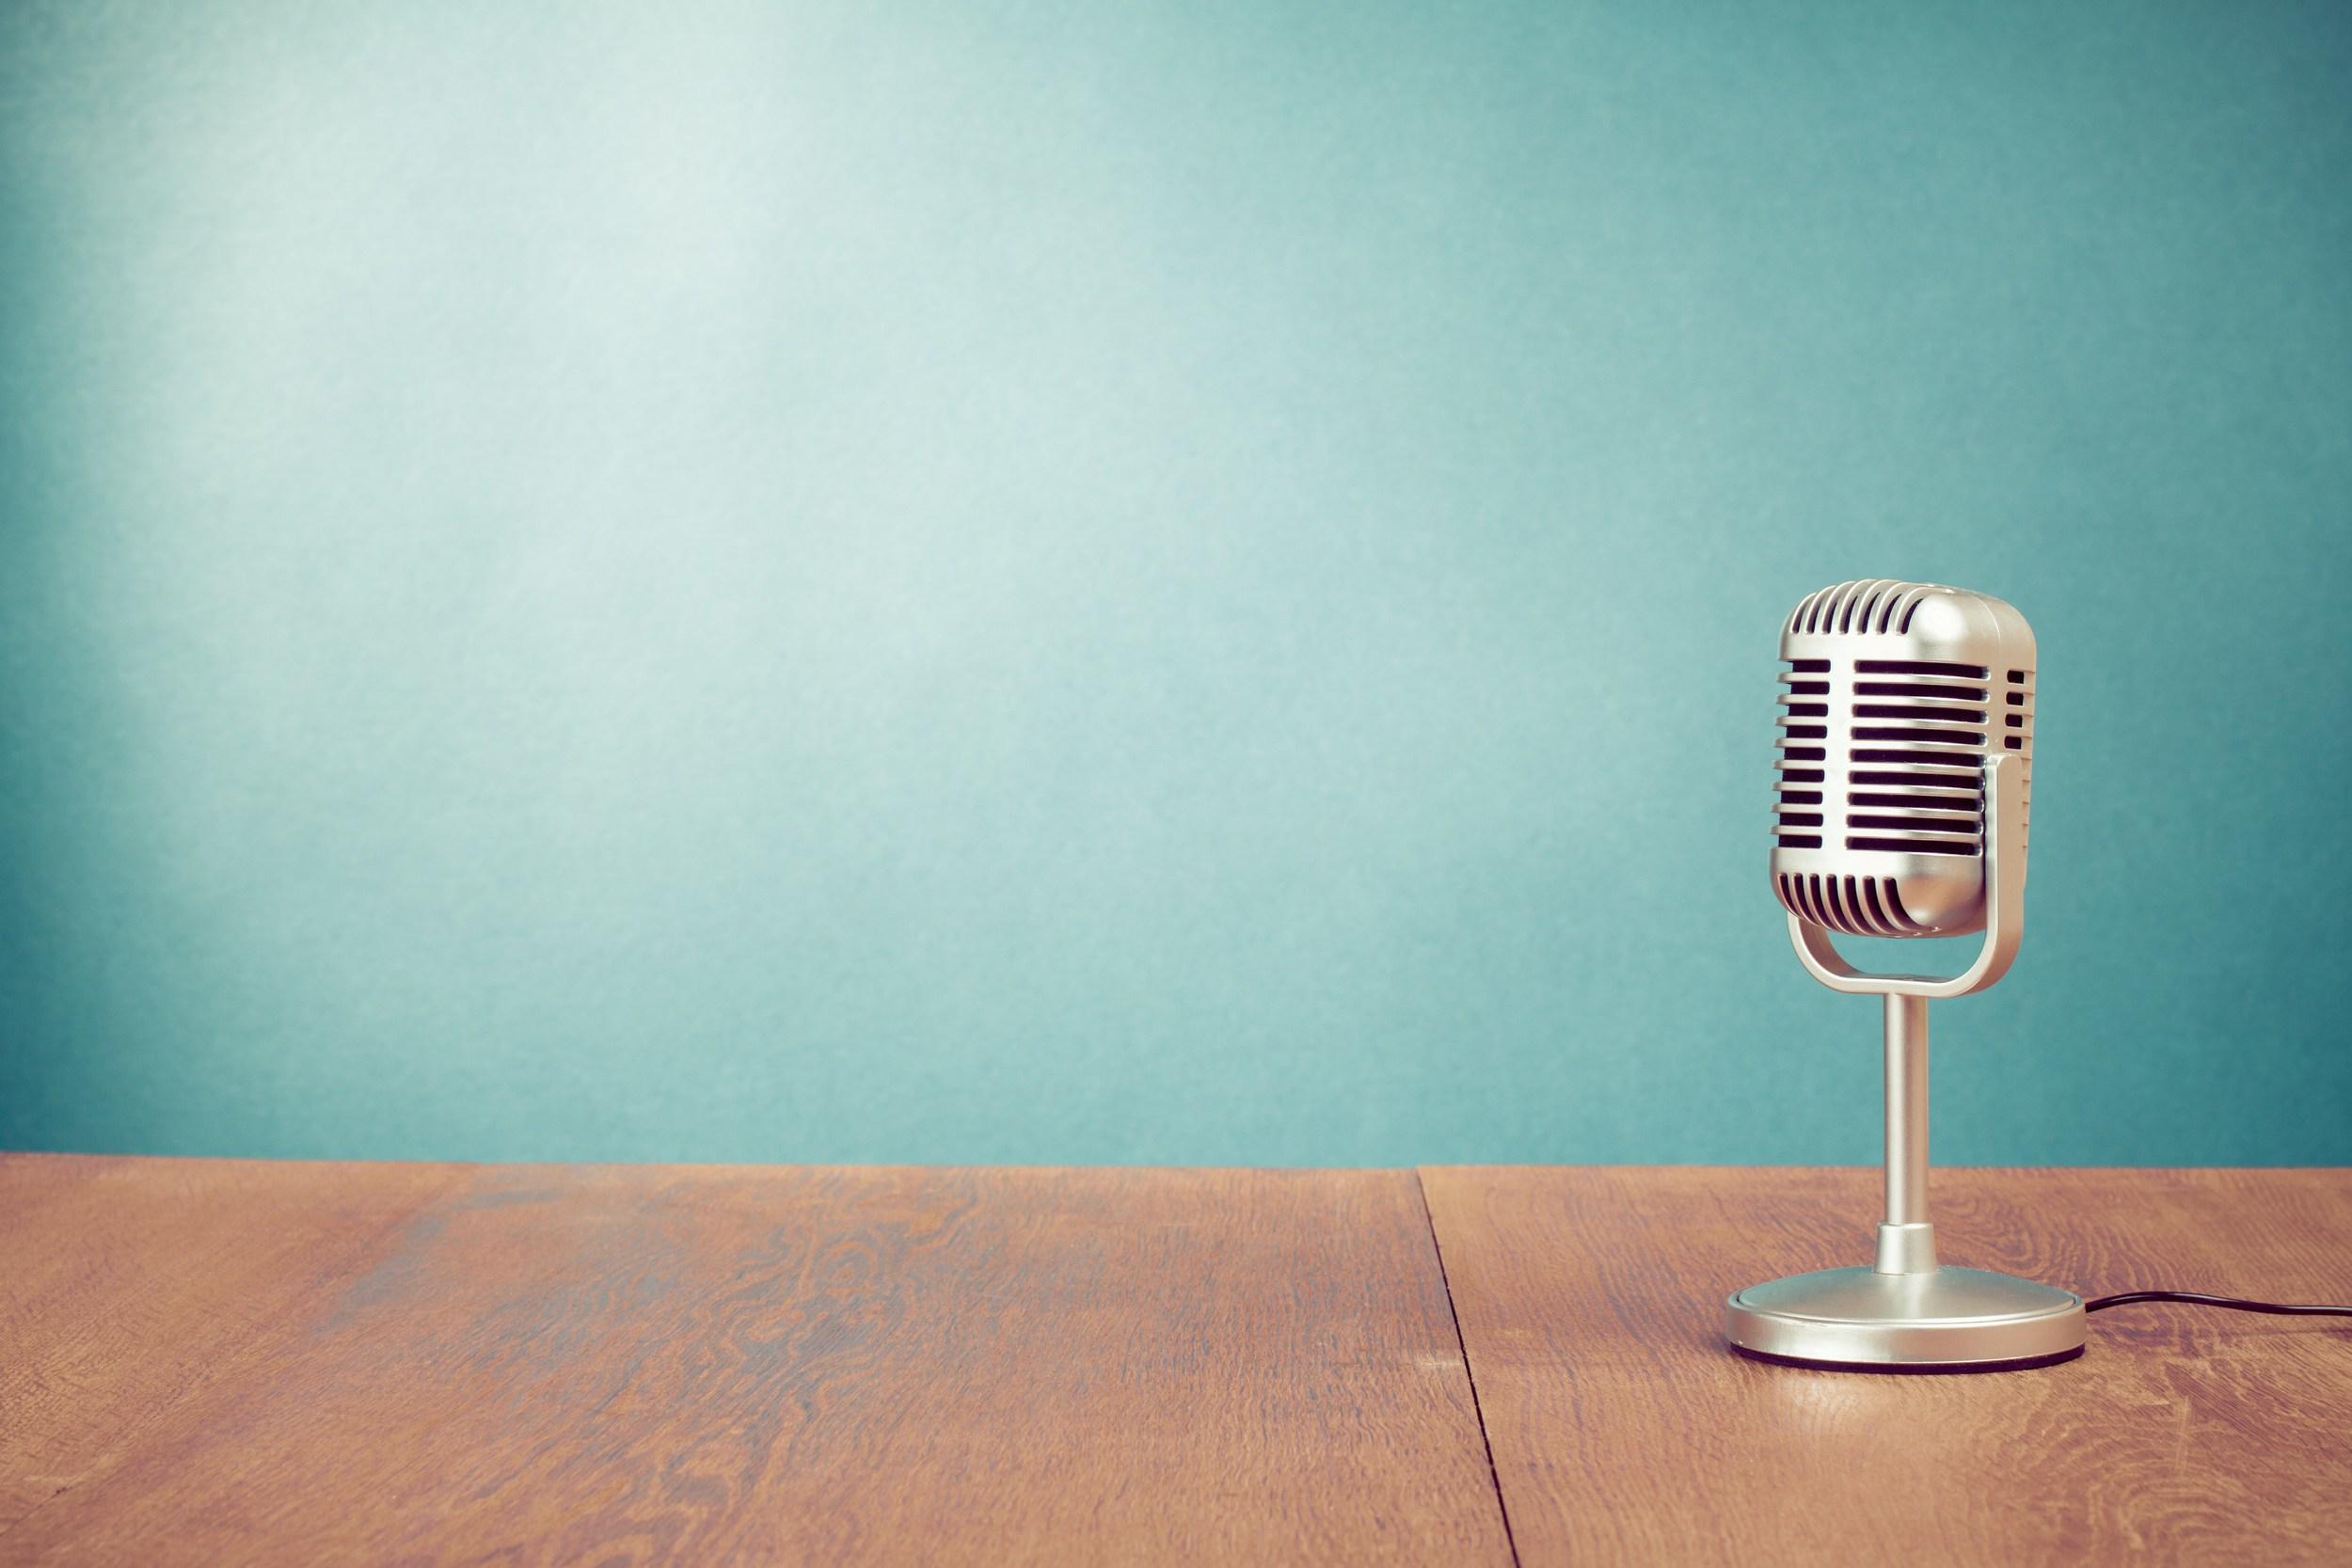 microphone ss.jpg